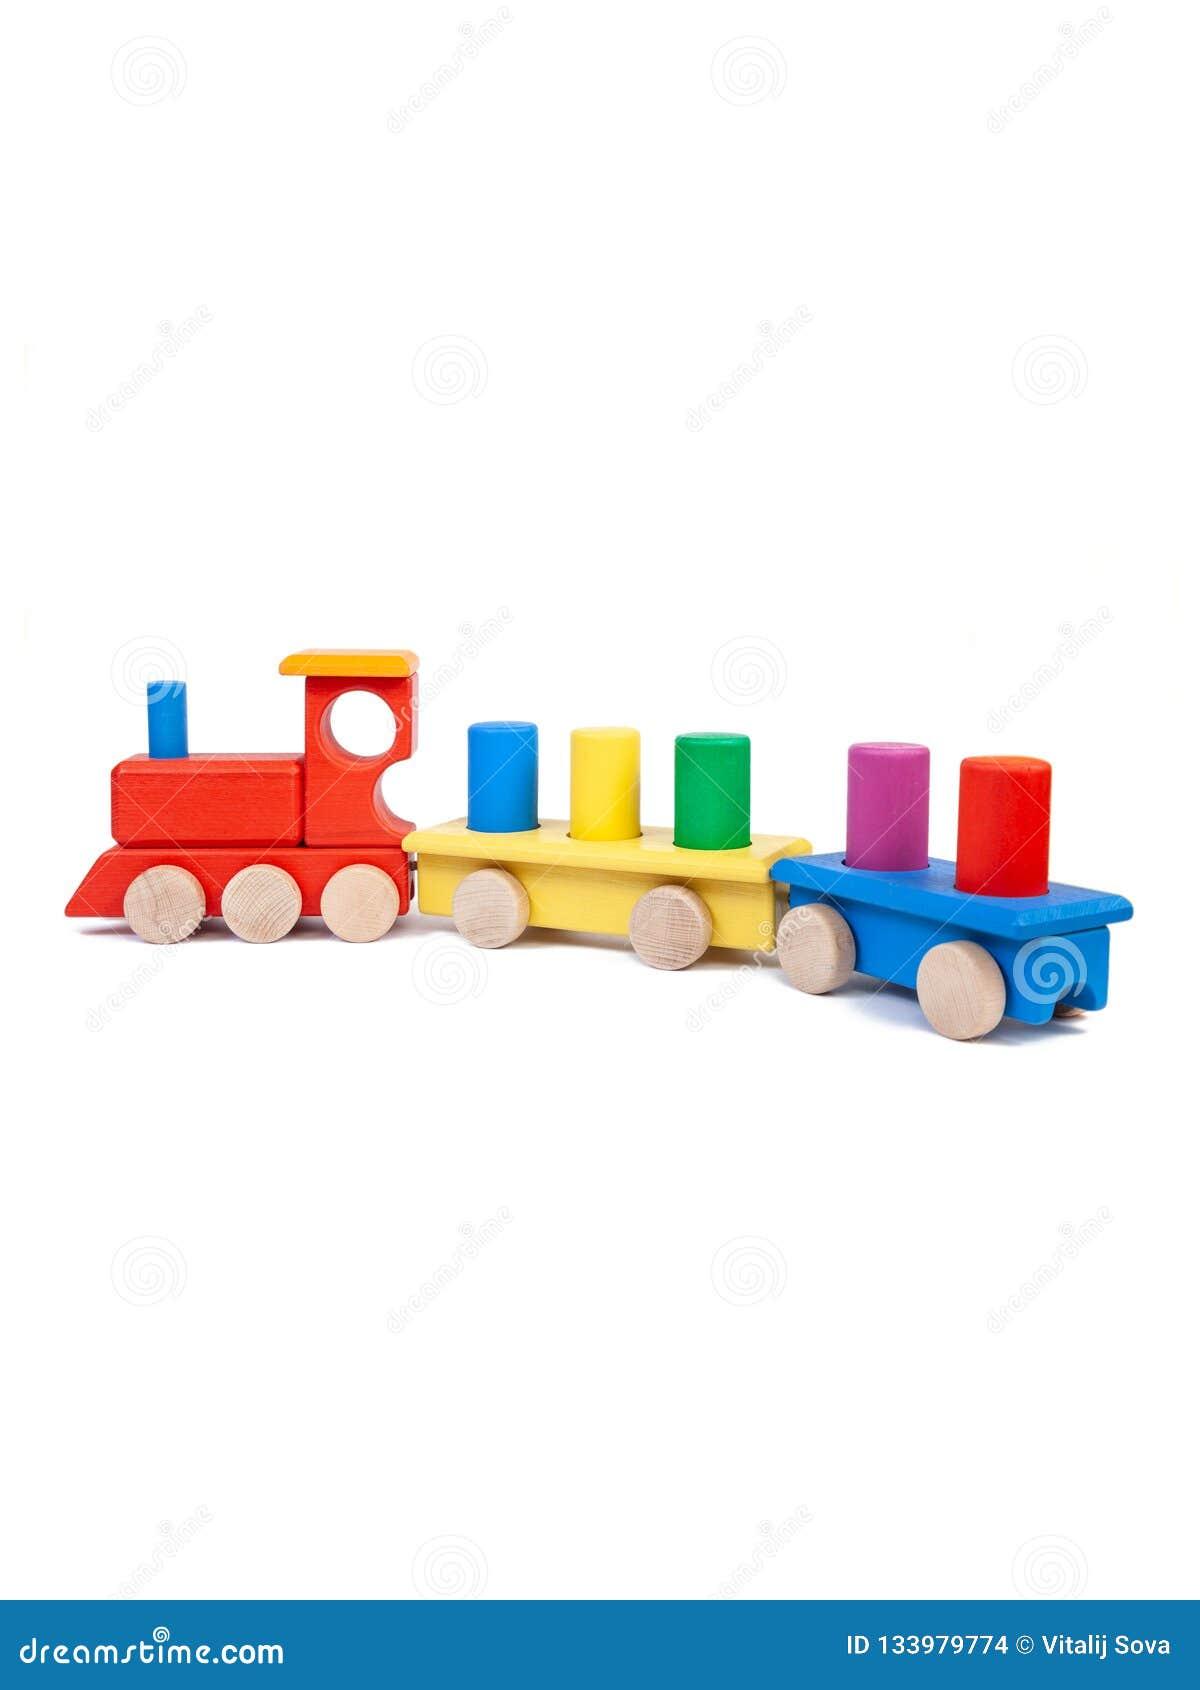 Foto de un juguete de madera